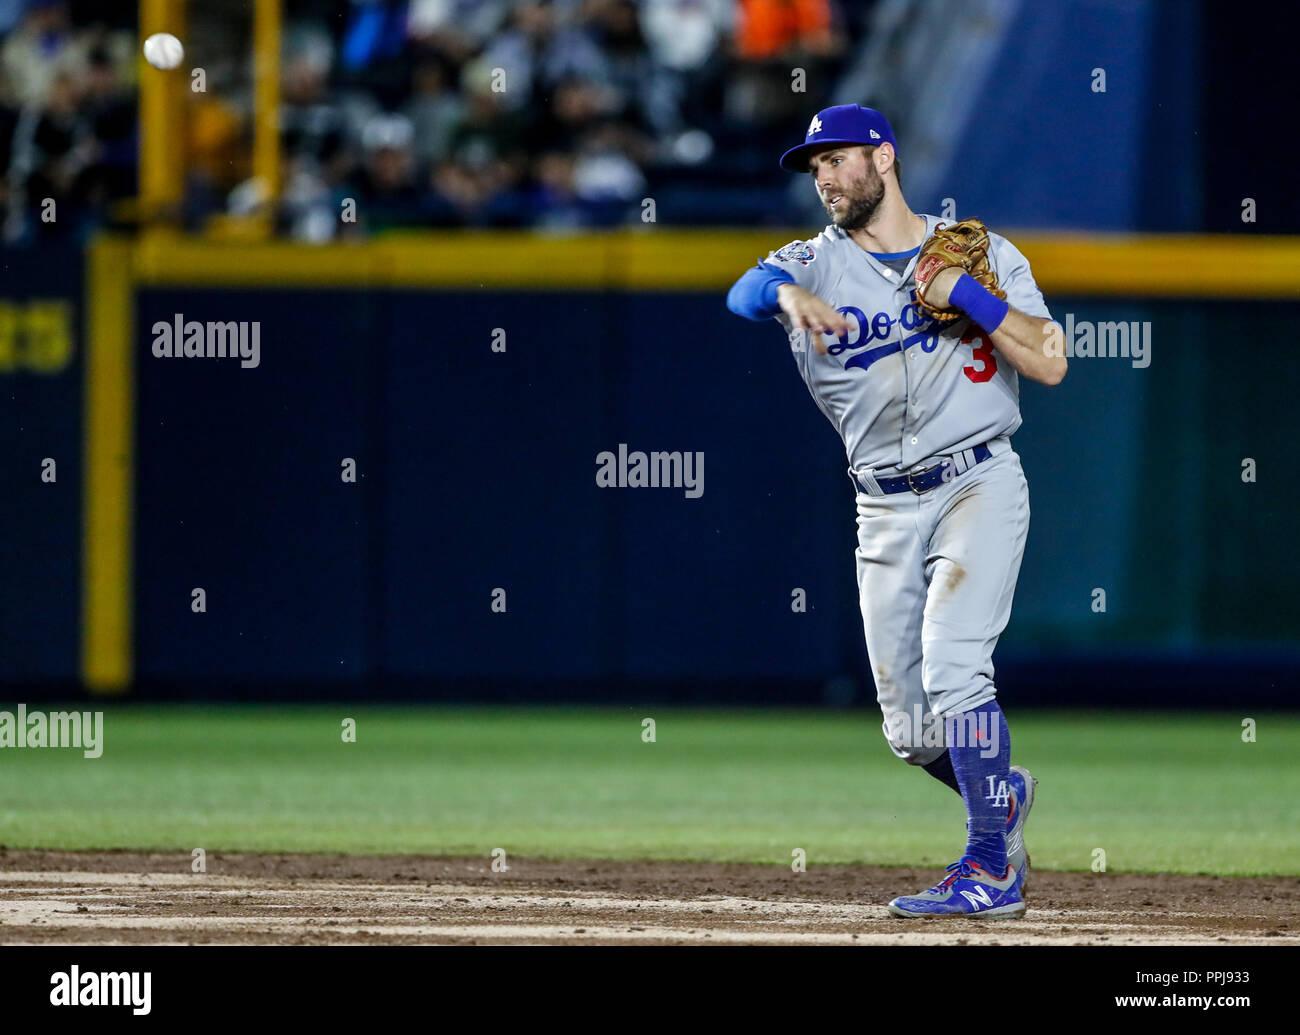 Chris Taylor, durante el partido de beisbol de los Dodgers de Los Angeles contra Padres de San Diego, durante el primer juego de la serie las Ligas Ma - Stock Image